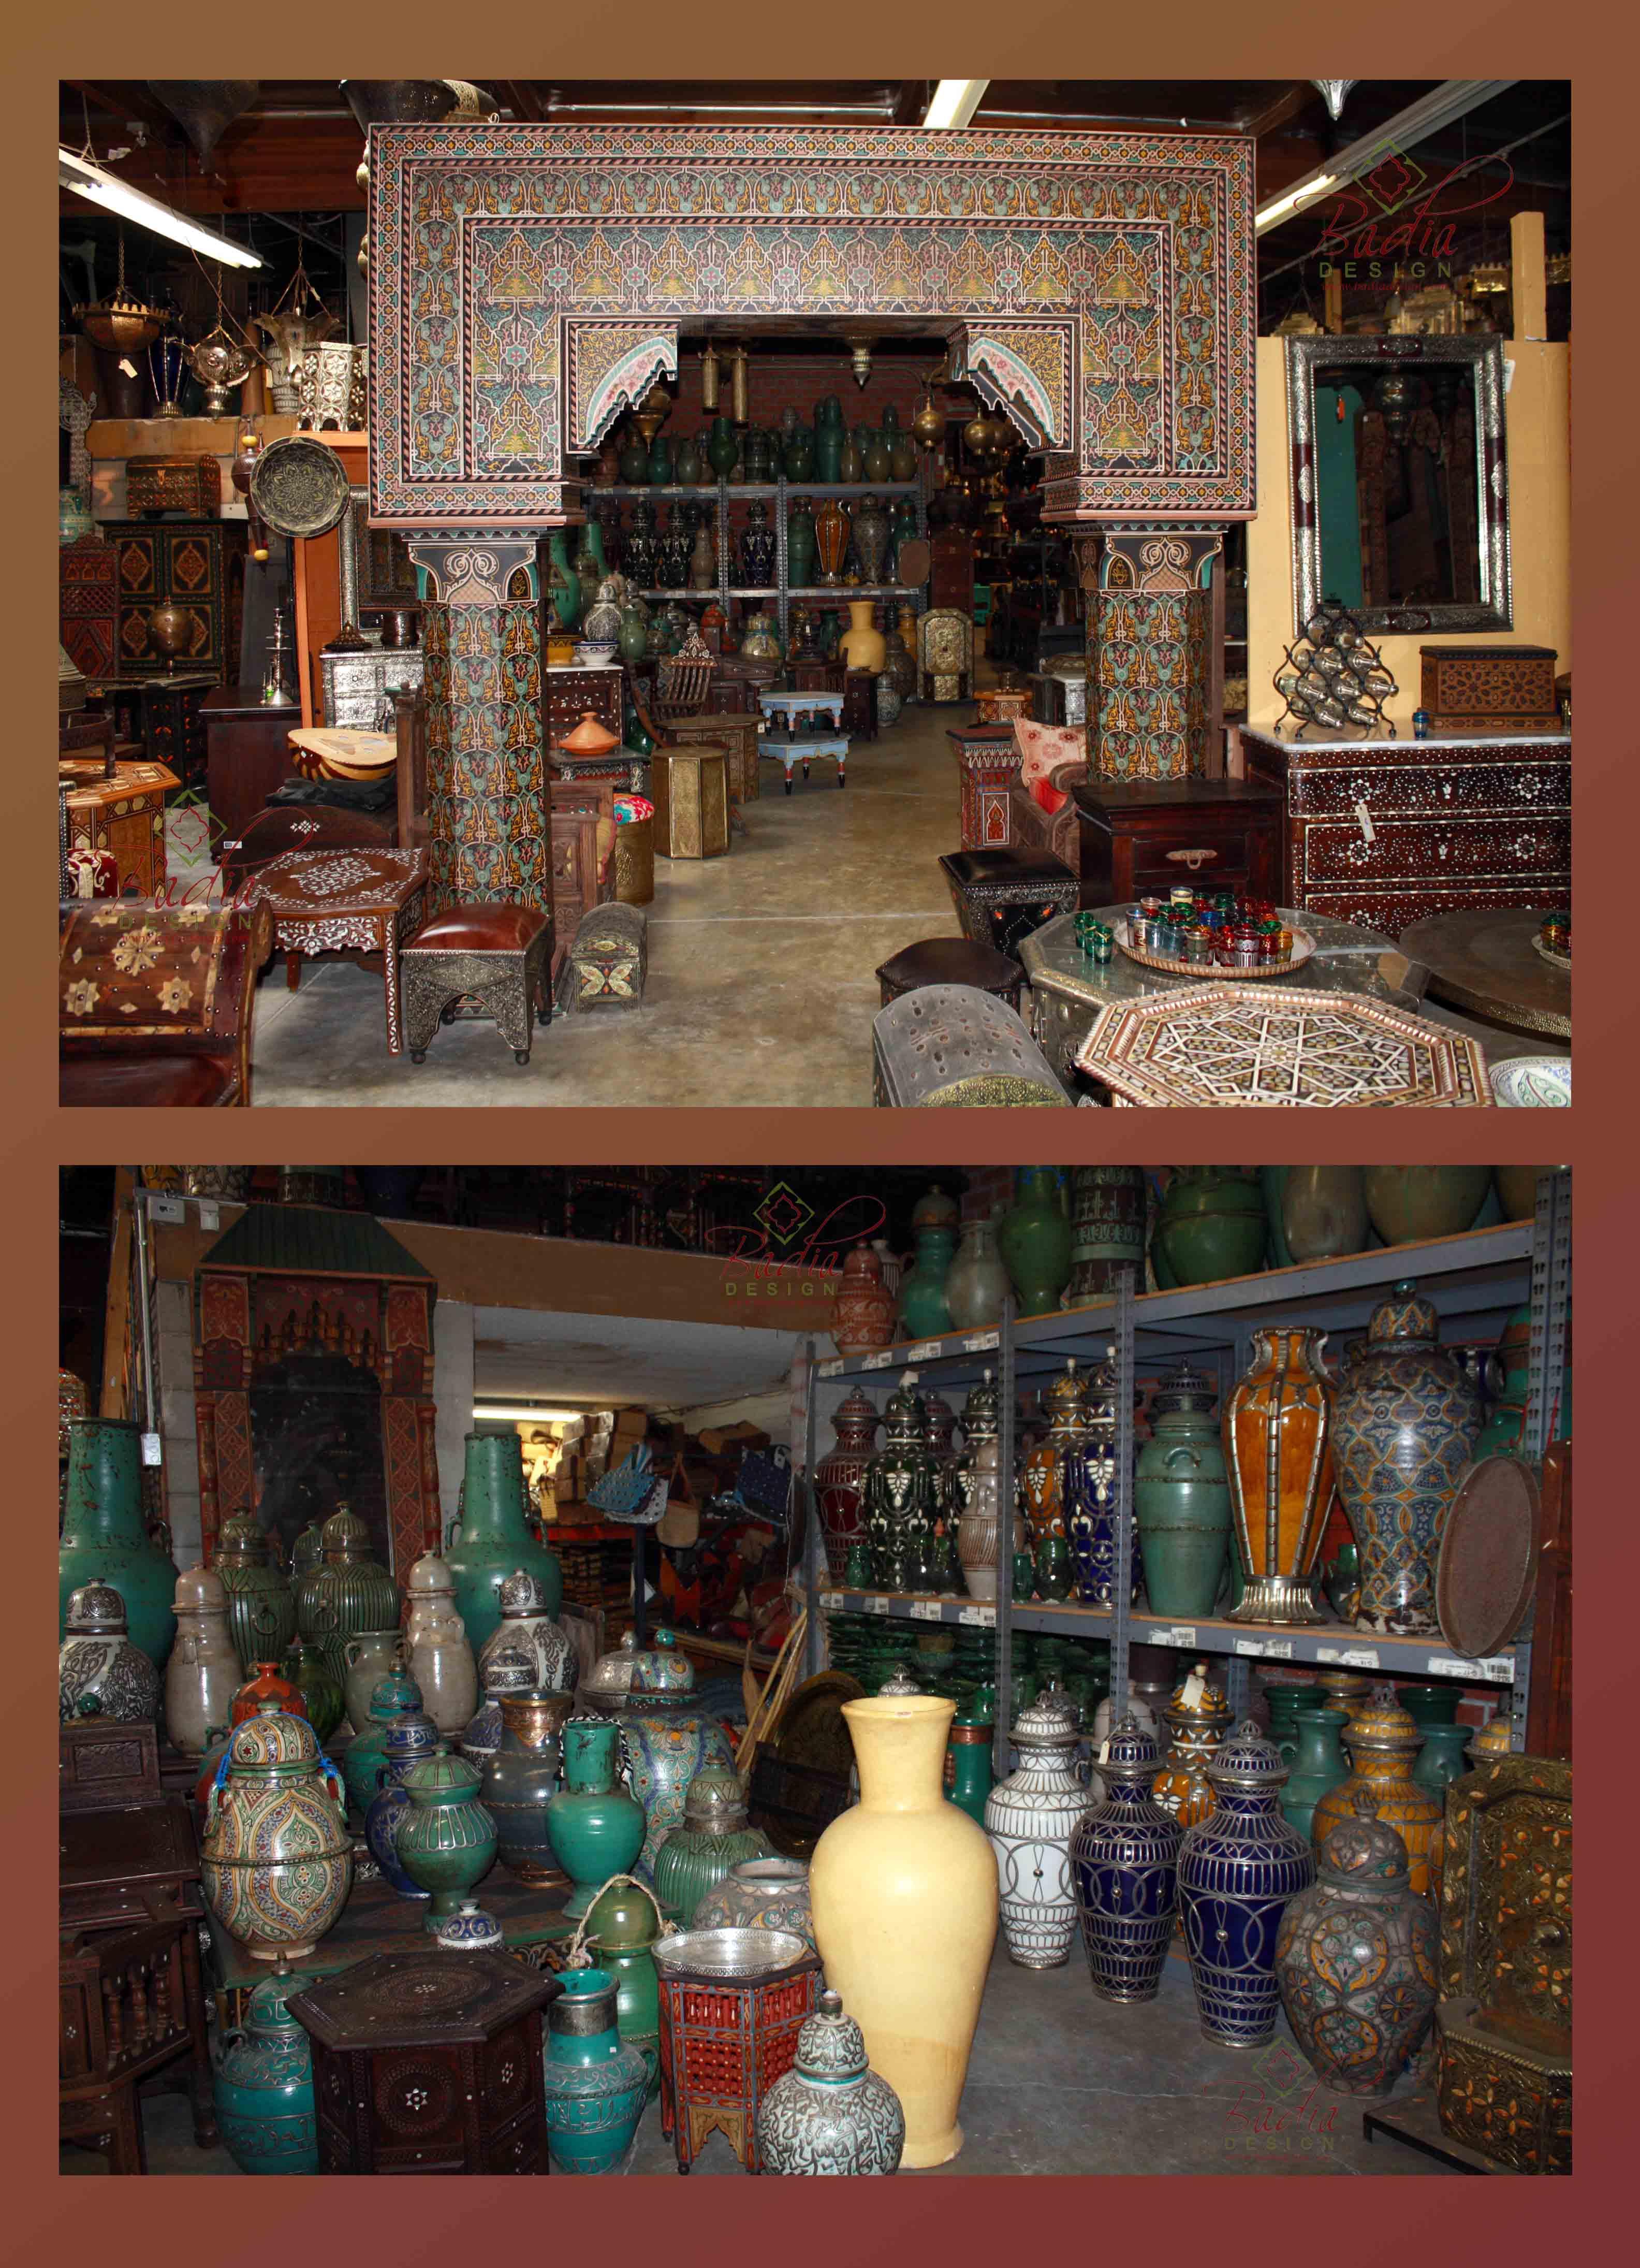 Moroccan Party Prop Rentals Los Angeles From Badia Design Inc.